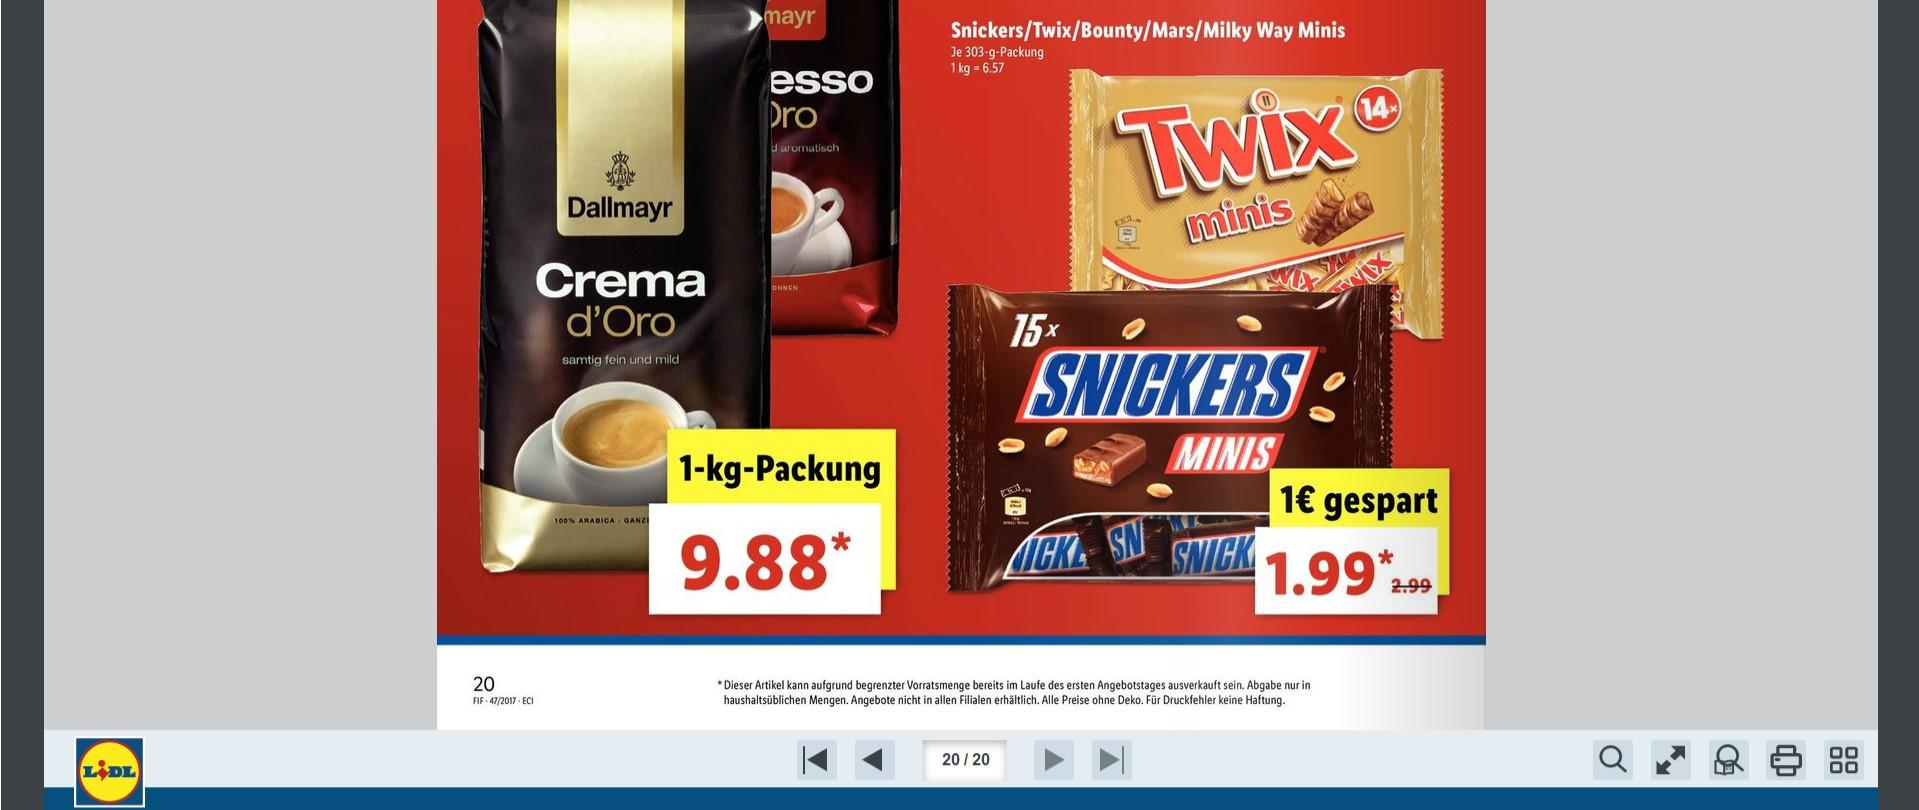 (LIDL) am 24. und 25.11 Snickers,Twix,Bounty,Mars und Milky Way Minis je 303g Pckg nur 1,99€